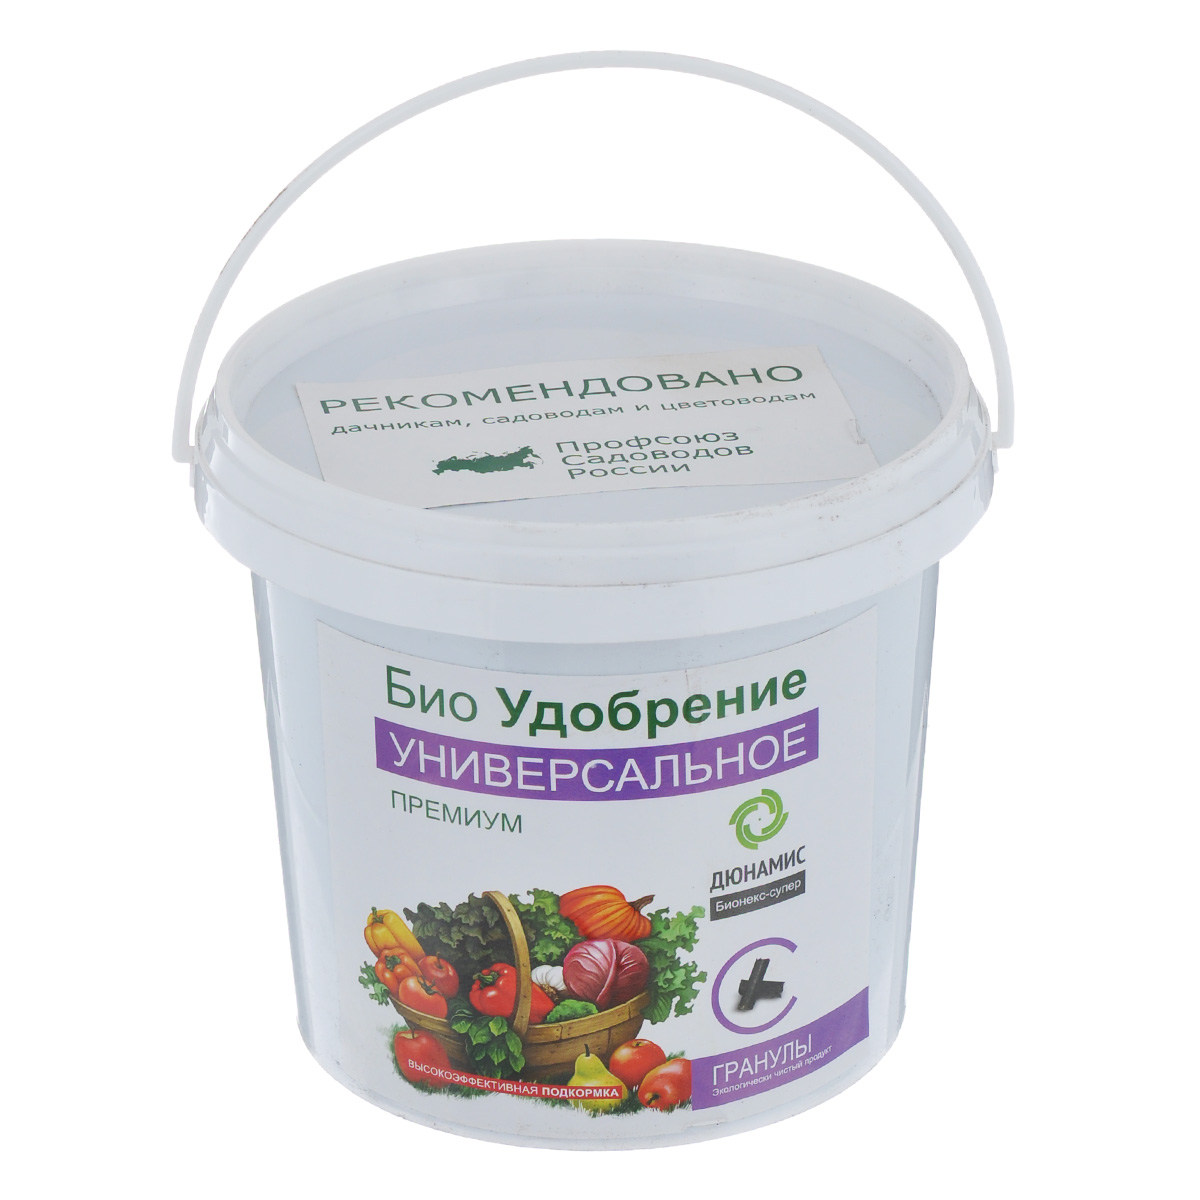 Био-удобрение Дюнамис Универсальное Премиум, в гранулах, 1 л391602Универсальное био-удобрение Дюнамис - это гранулированное удобрение с веществами в хелатной форме. Обладает лёгким запахом. Способствует увеличению урожайности до 53% и улучшению вкусовых и качественных показателей плодов. Благодаря такому удобрению, повышается сопротивляемость к заболеваниям, также это эффективная помощь при дефиците питания и влаги. Универсальное био-удобрение Дюнамис обеспечивает обильное и длительное цветение, повышение силы растений.Варианты применения:- в лунку при посадке;- сухие корневые подкормки;- жидкие корневые подкормки.Состав: ферментированный навоз КРС, помет, биокатализатор.Объем: 1 л.Товар сертифицирован.